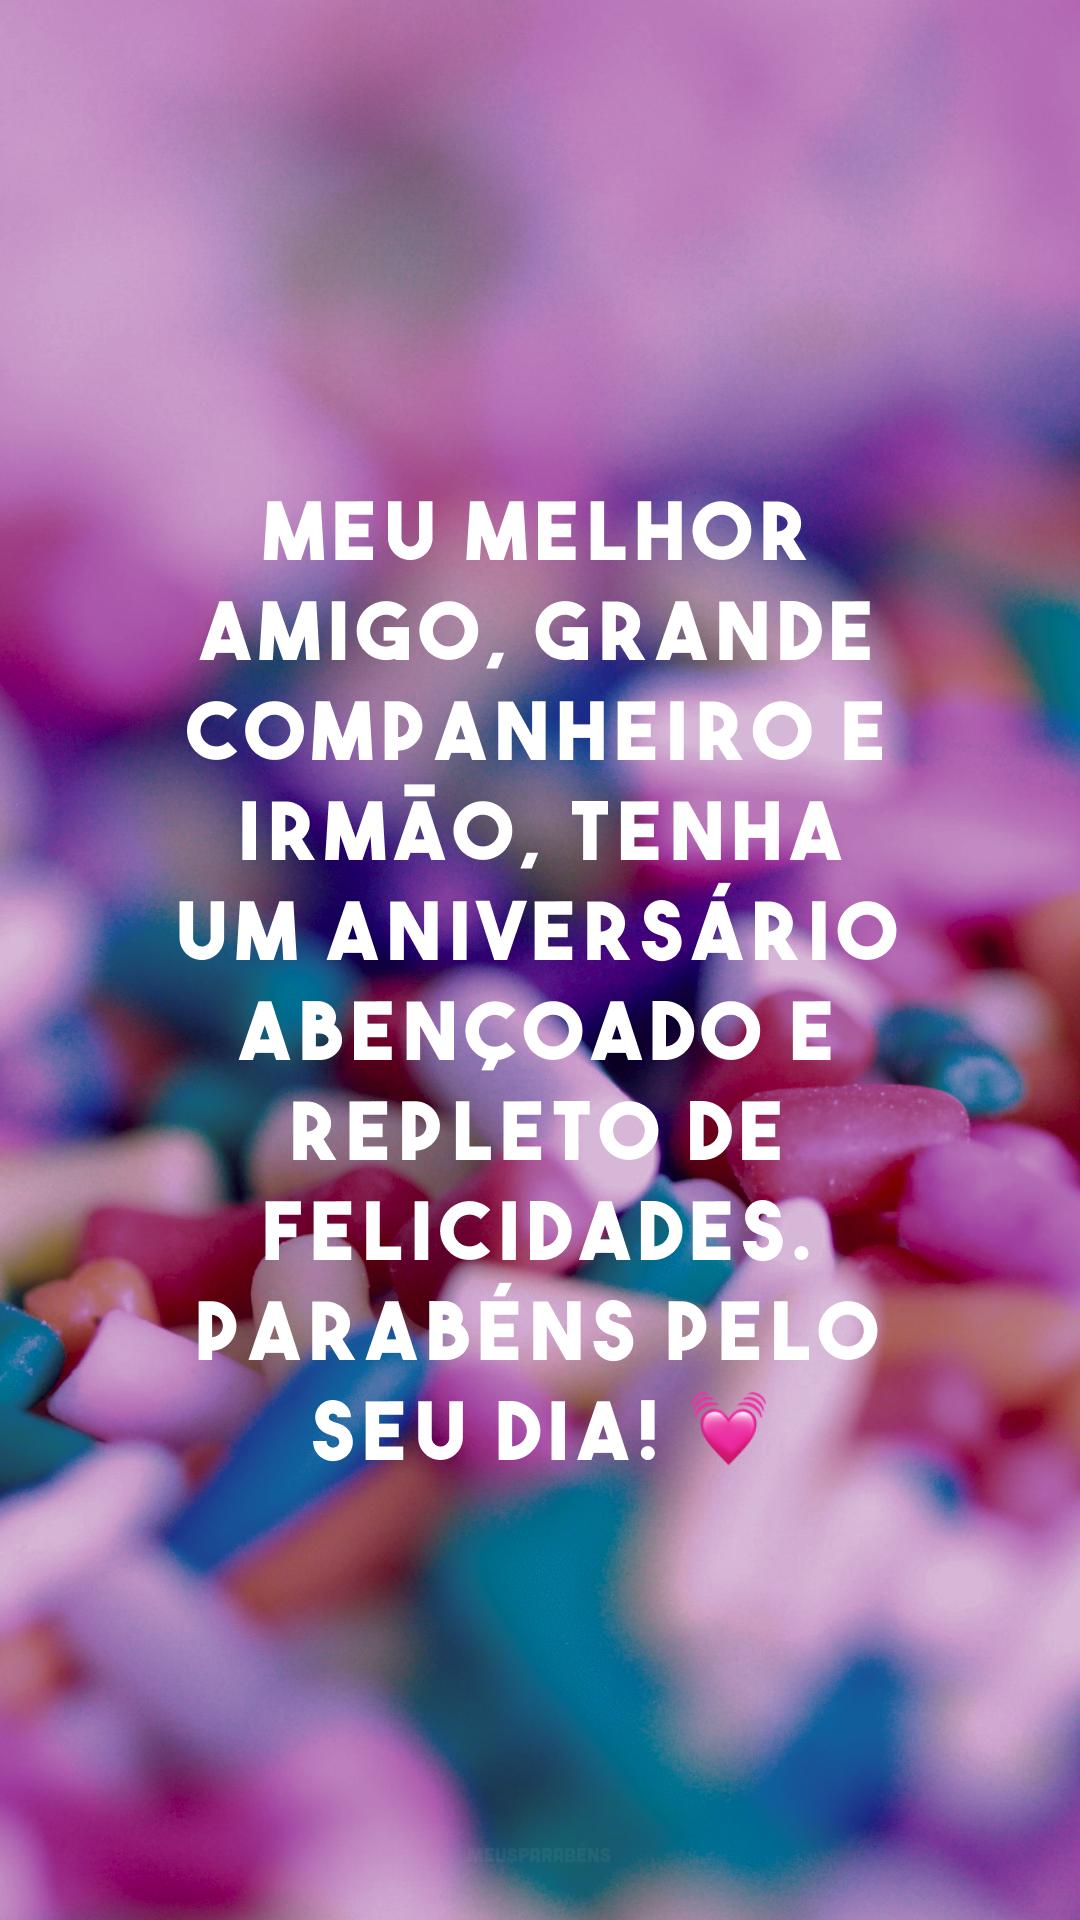 Meu melhor amigo, grande companheiro e irmão, tenha um aniversário abençoado e repleto de felicidades. Parabéns pelo seu dia! 💓